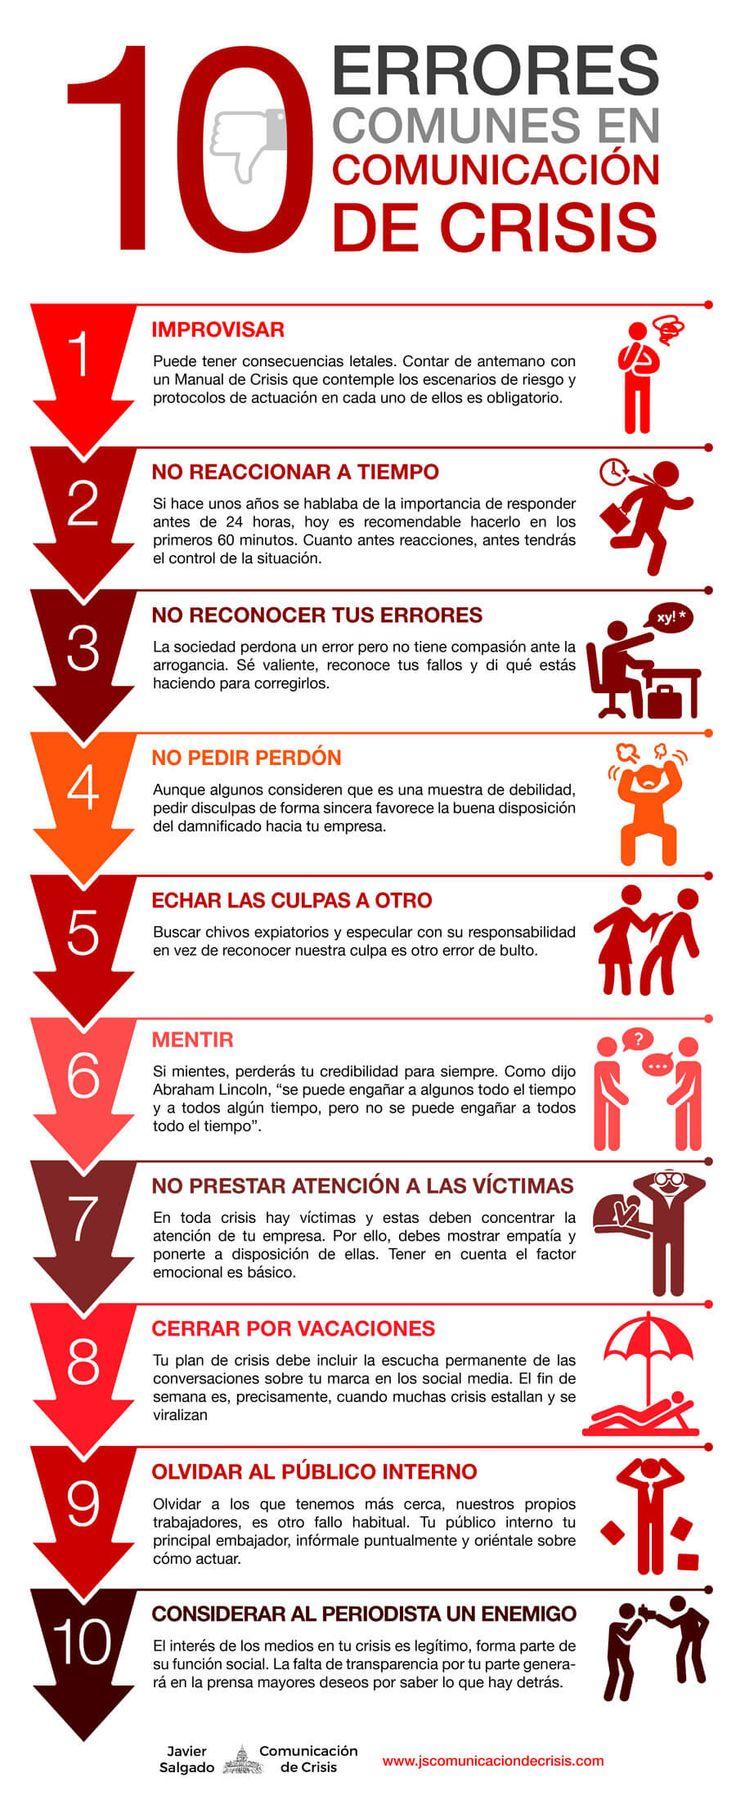 10 Errores frecuentes en comunicación de crisis #infografía #infographic #marketing